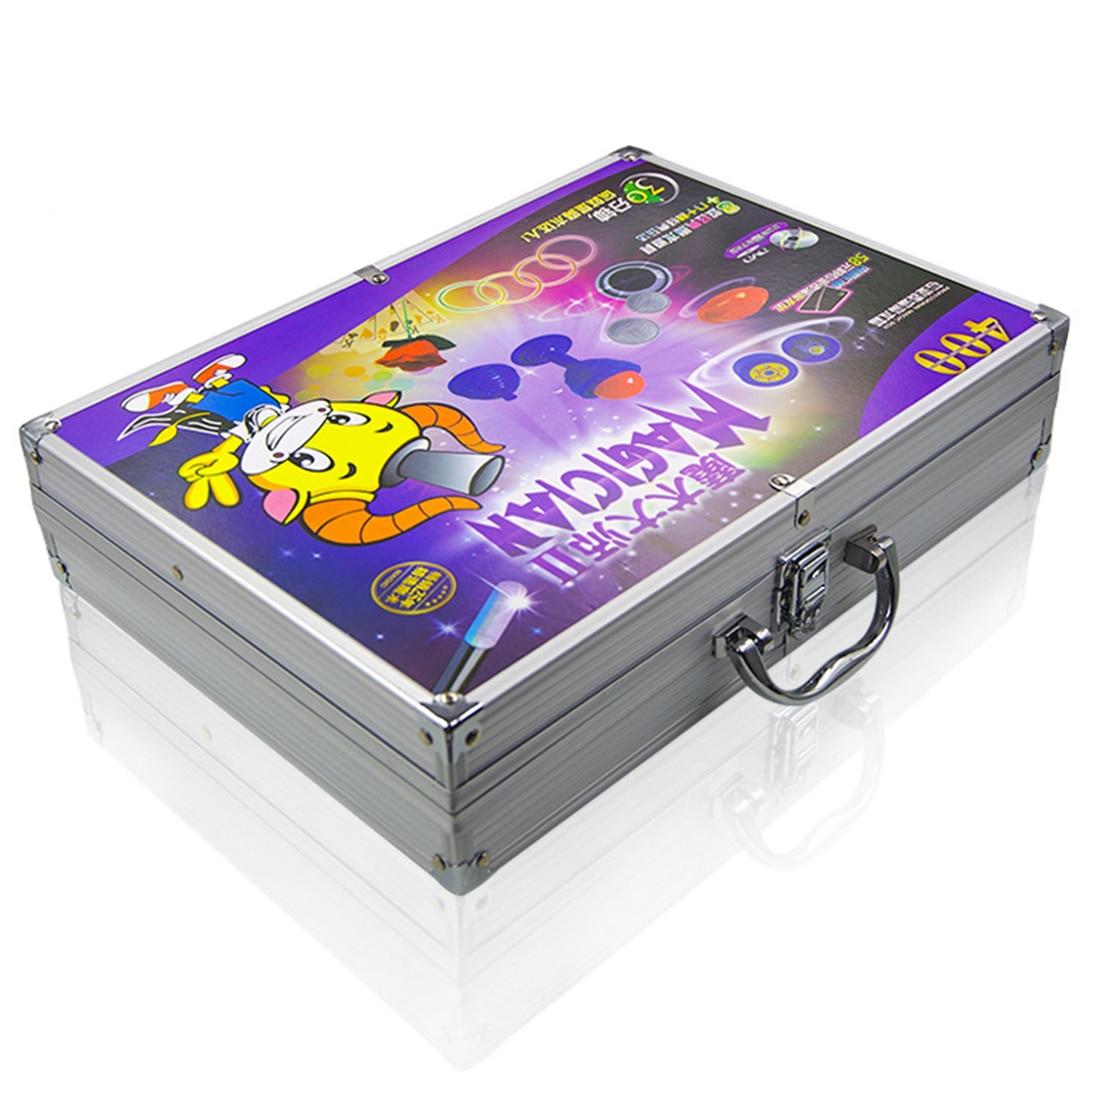 Jouet éducatif chaud de boîte-cadeau magique d'alliage d'aluminium réglé avec divers accessoires boîte-cadeau de jouet magique de gros plan des enfants pour des enfants - 2